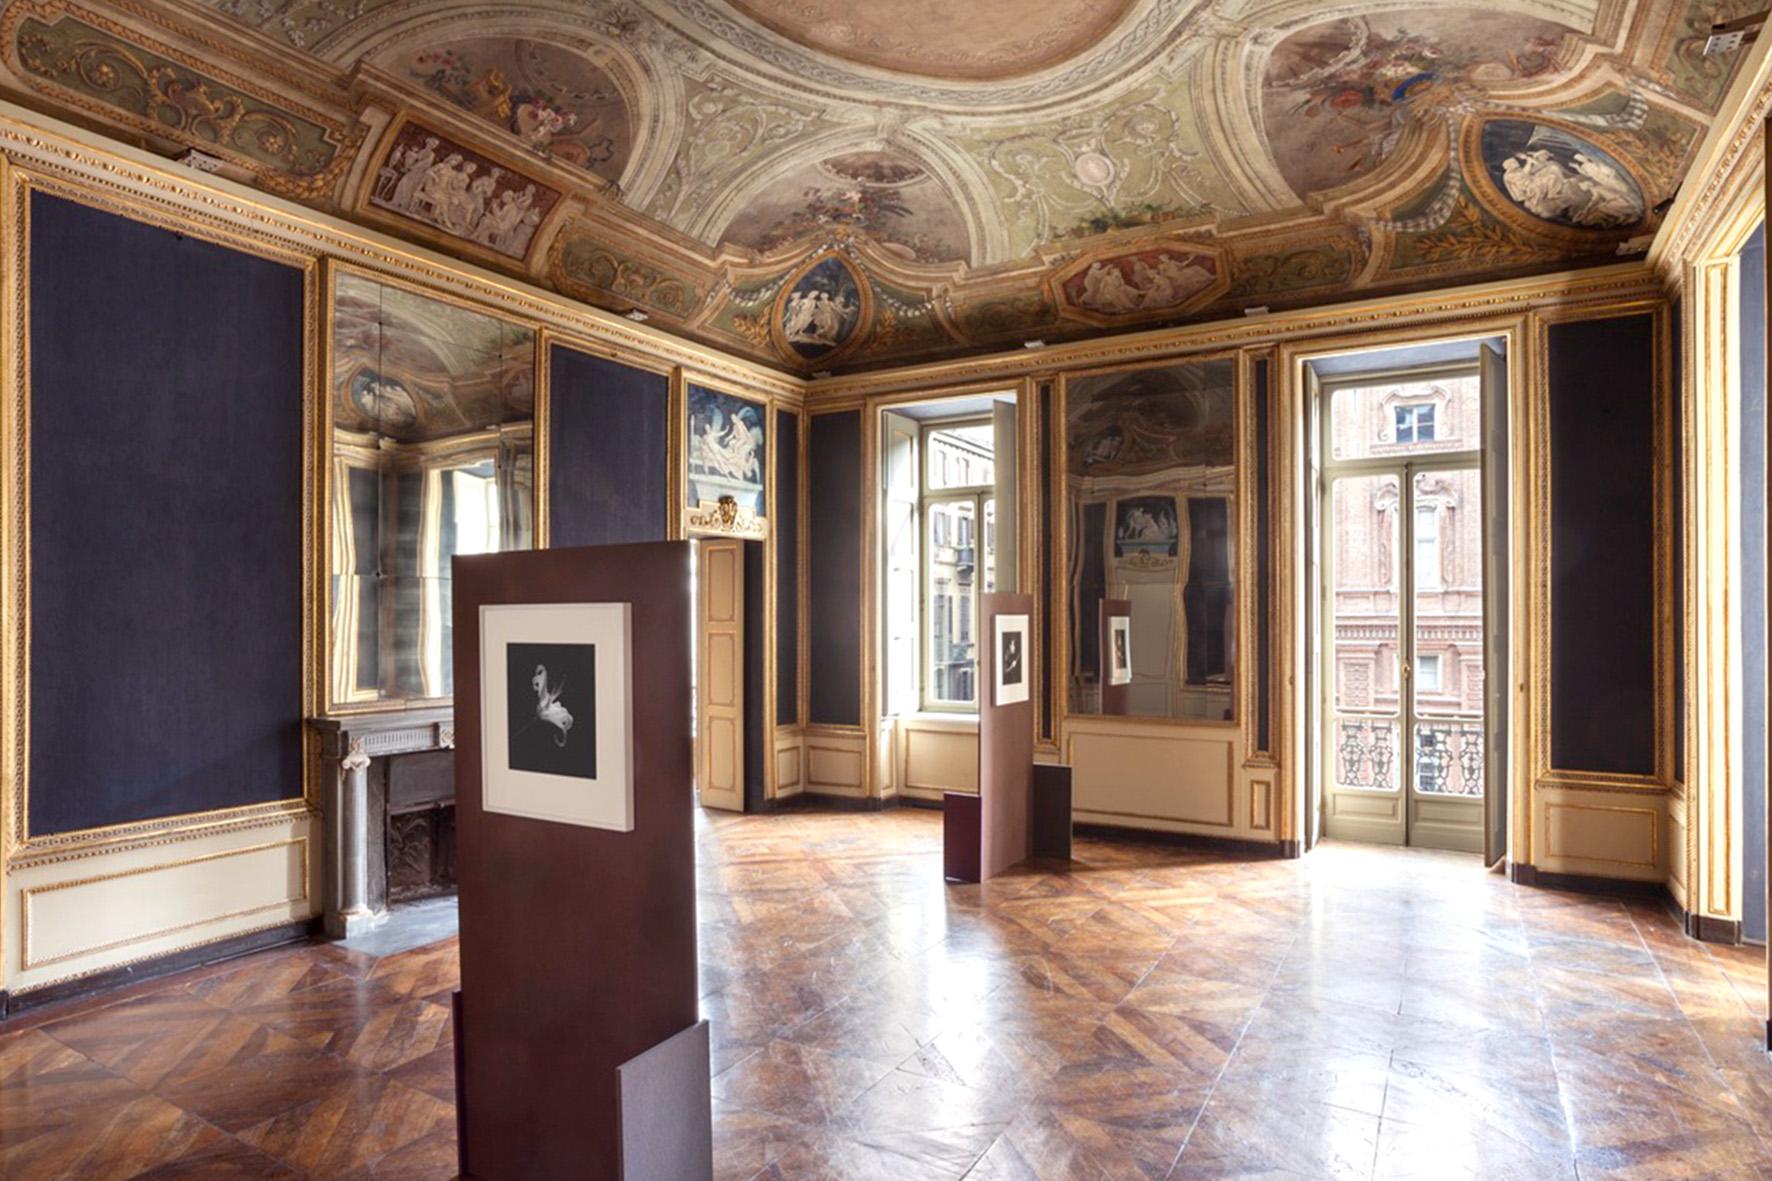 Una delle sale che ospitano la mostra di Robert Mapplethorpe presso la sede della Galleria Franco Noero in piazza Carignano a Torino, foto © aut./FrancoNoero